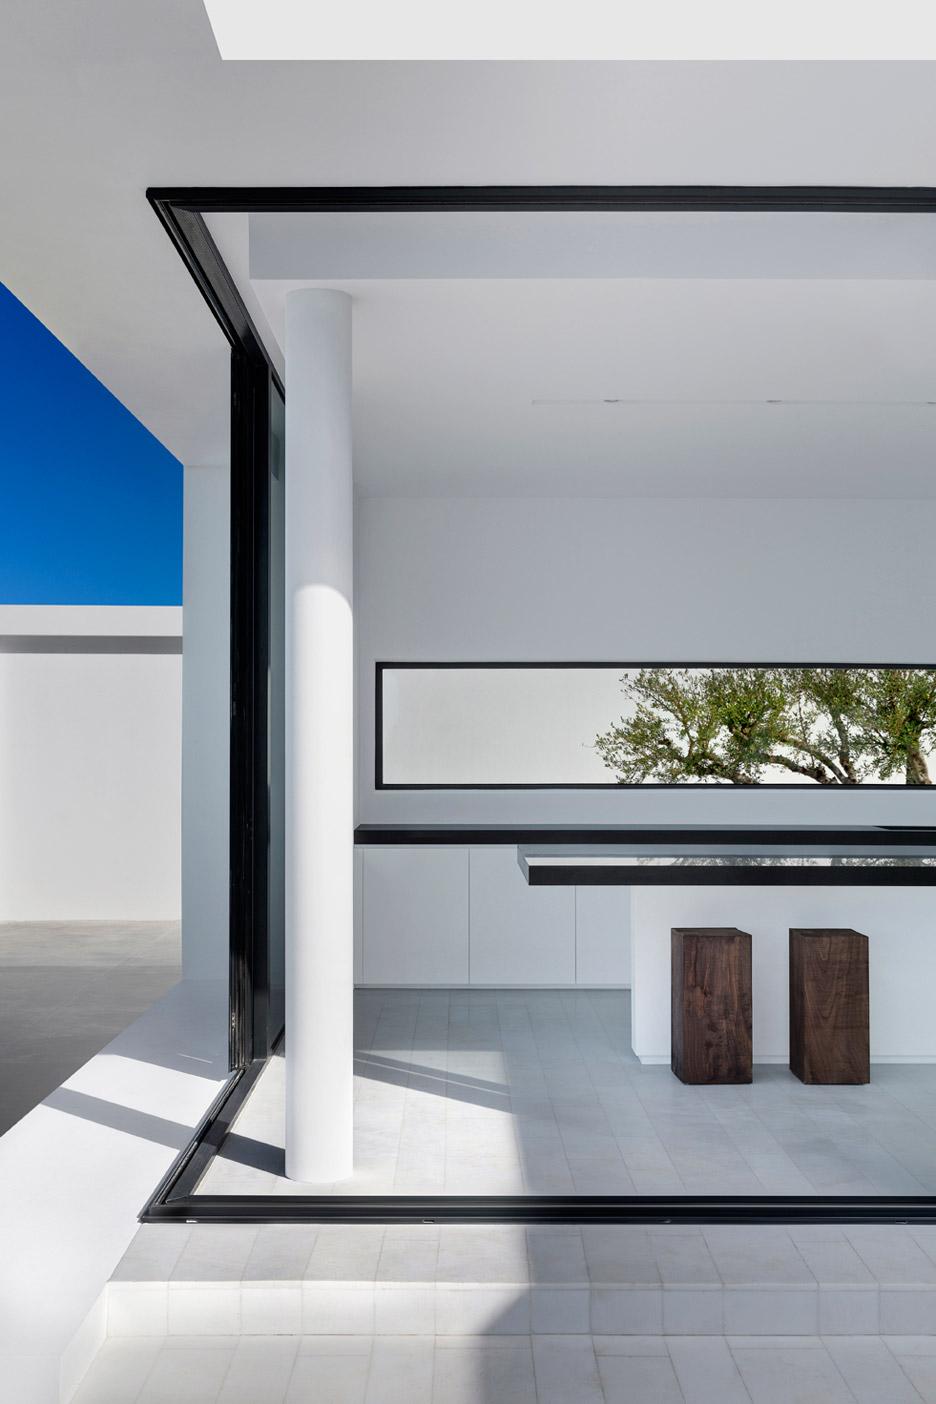 Silver House by Olivier Dwek, Greece